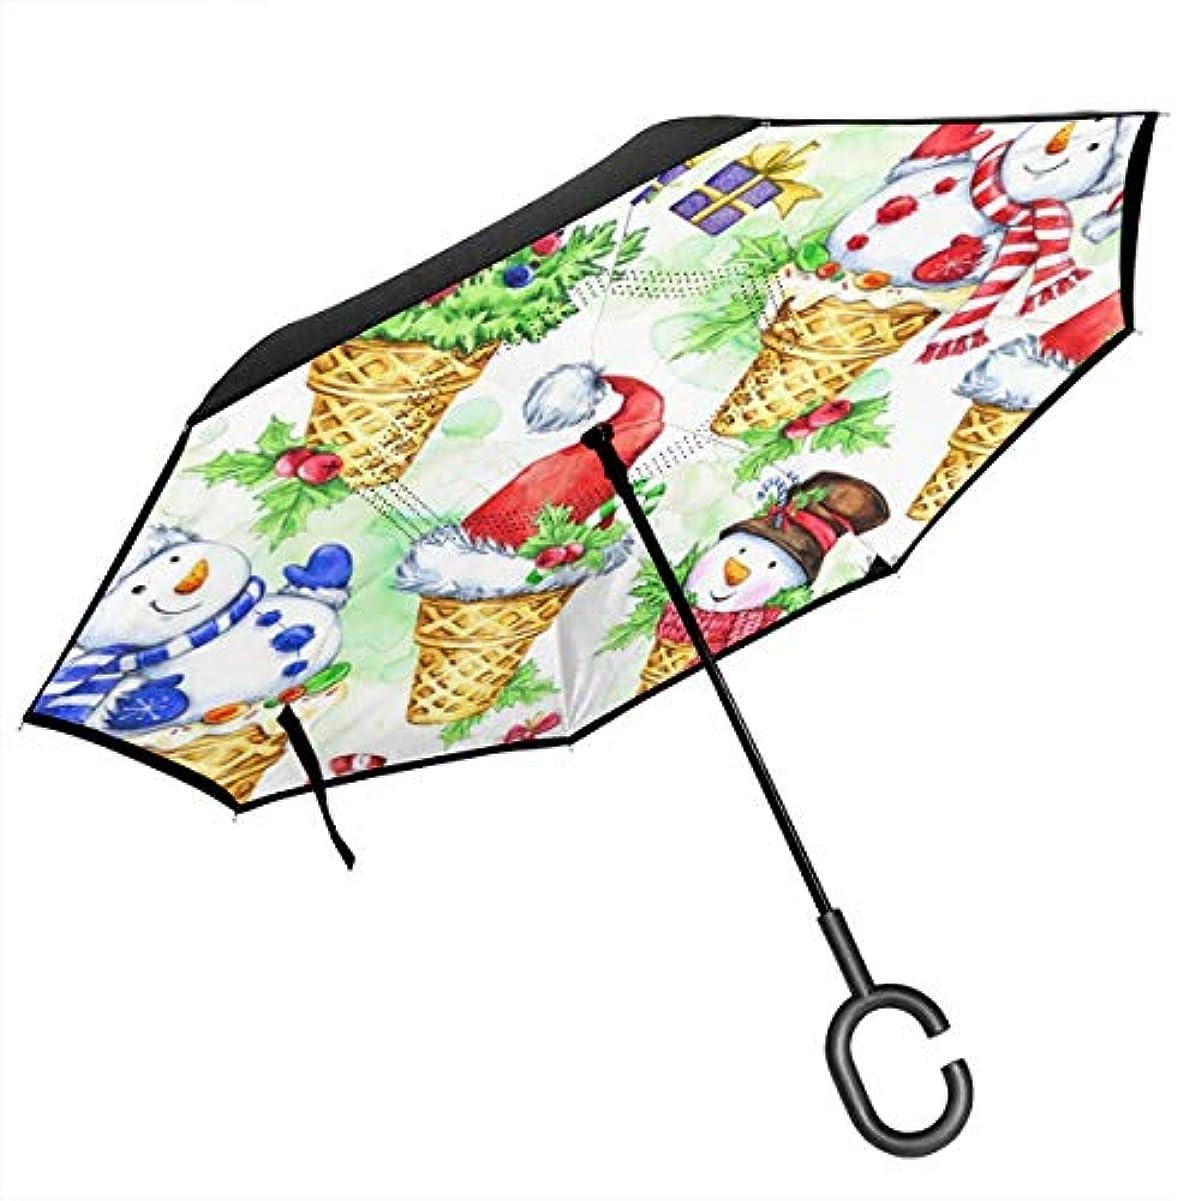 あえぎ金額ホイップ逆さ傘 逆折り式傘 車用傘 耐風 撥水 遮光遮熱 大きい 手離れC型手元 梅雨 紫外線対策 晴雨兼用 ビジネス用 車用 UVカット